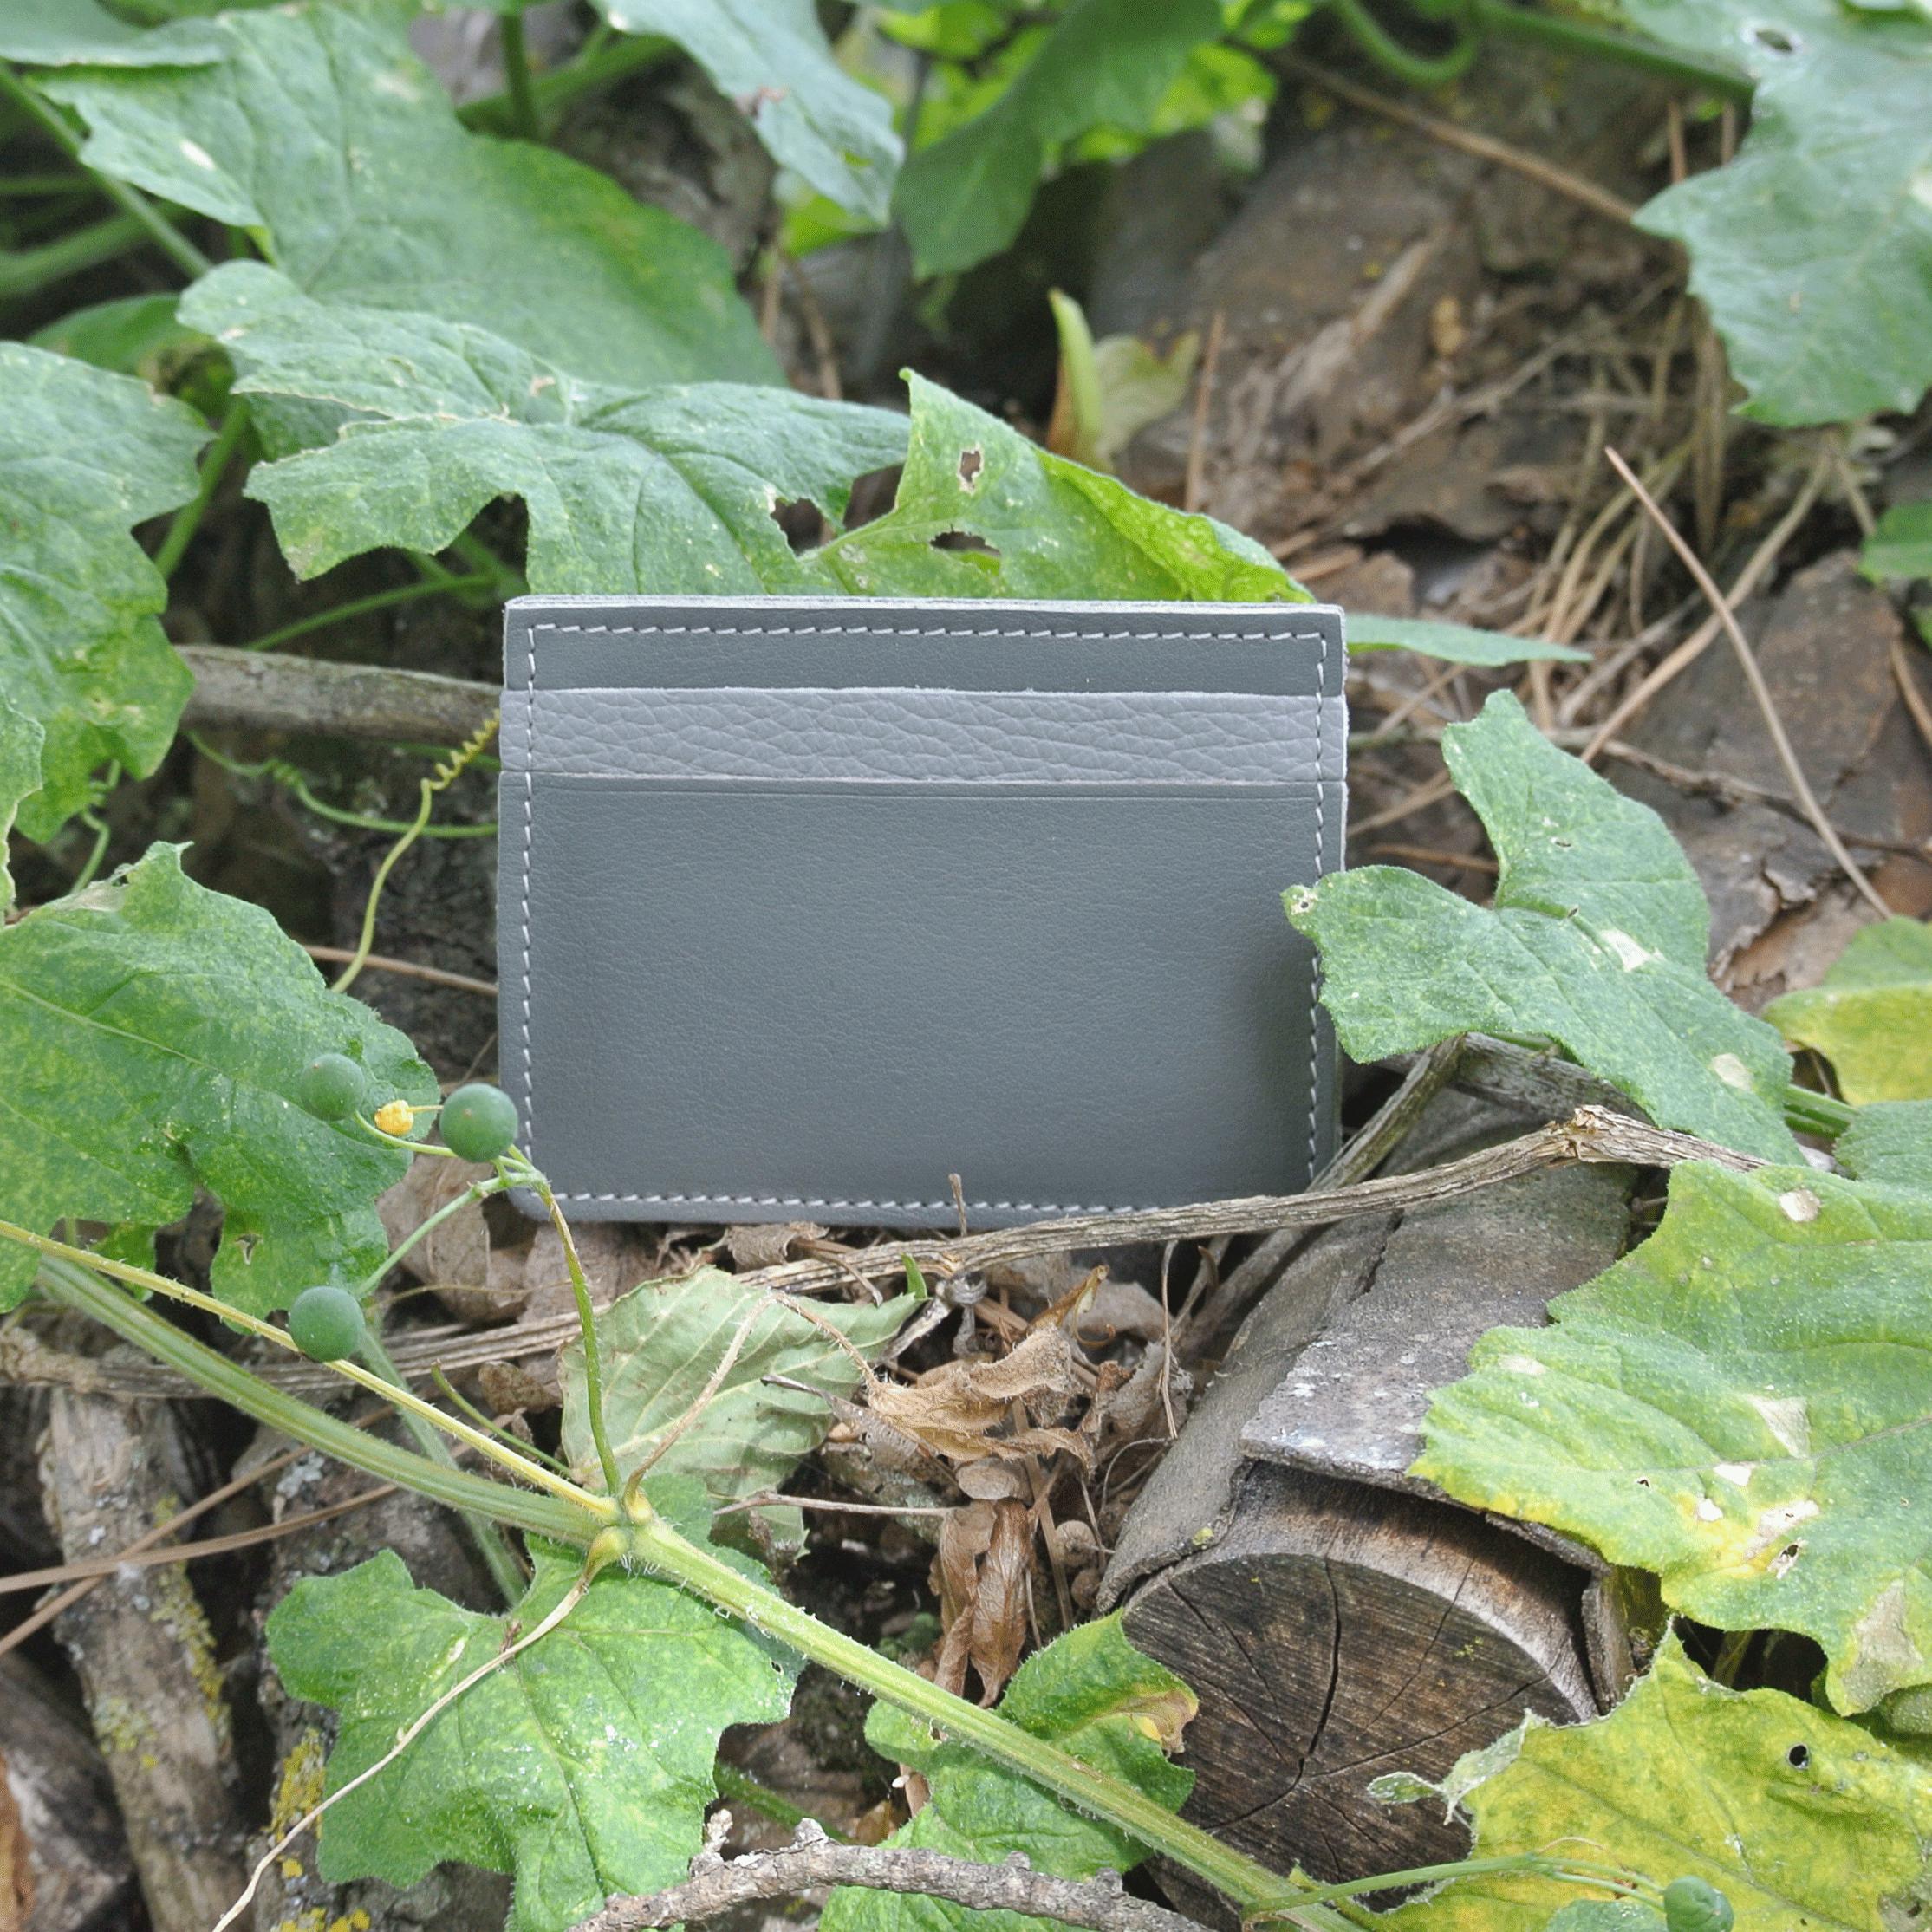 cuirs-pailletés-cuirs-fantaisies-fabriqué-en-france-la-cartabliere-etui-carte-triple-cuir-nappa-gris